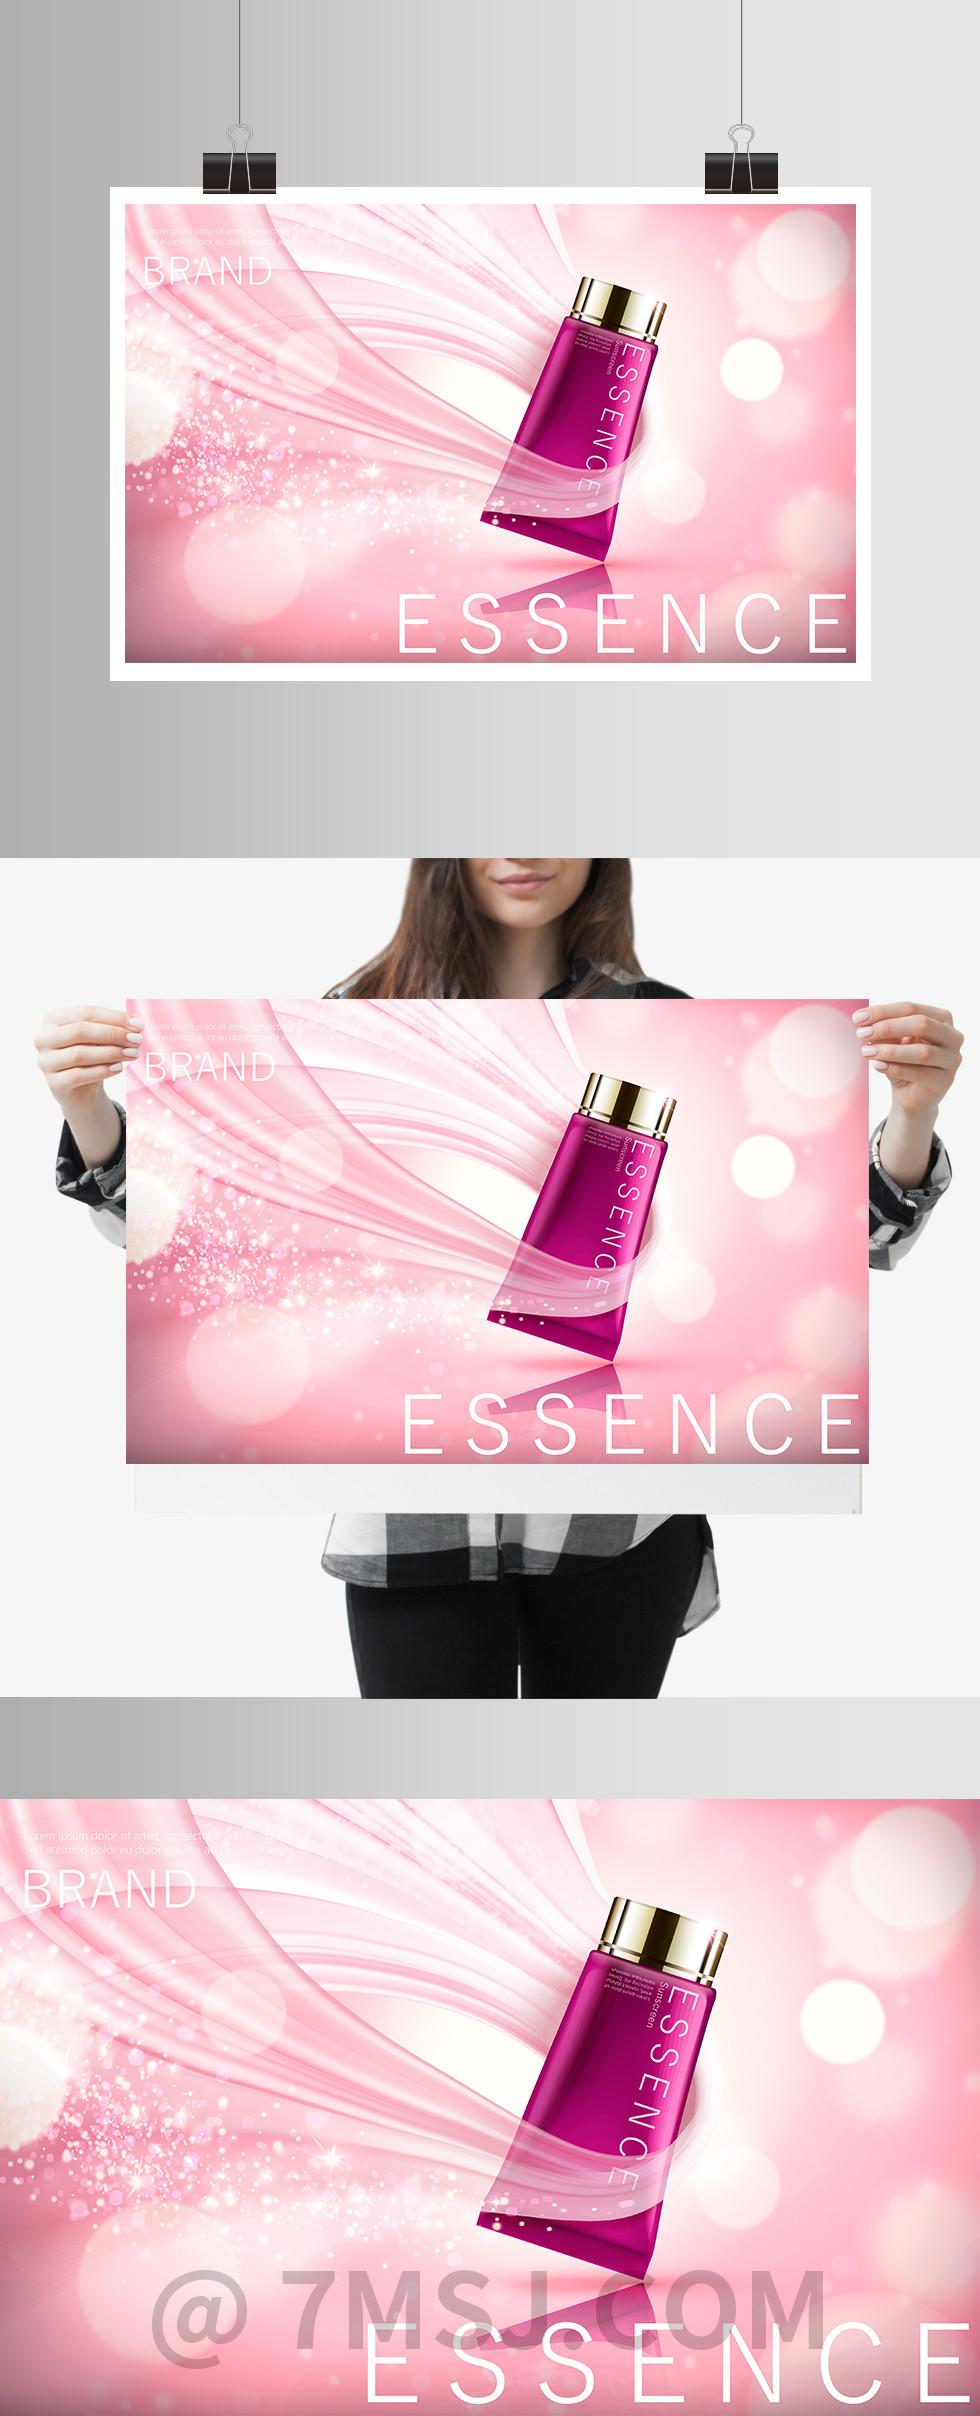 粉色洗面奶化妆品矢量海报